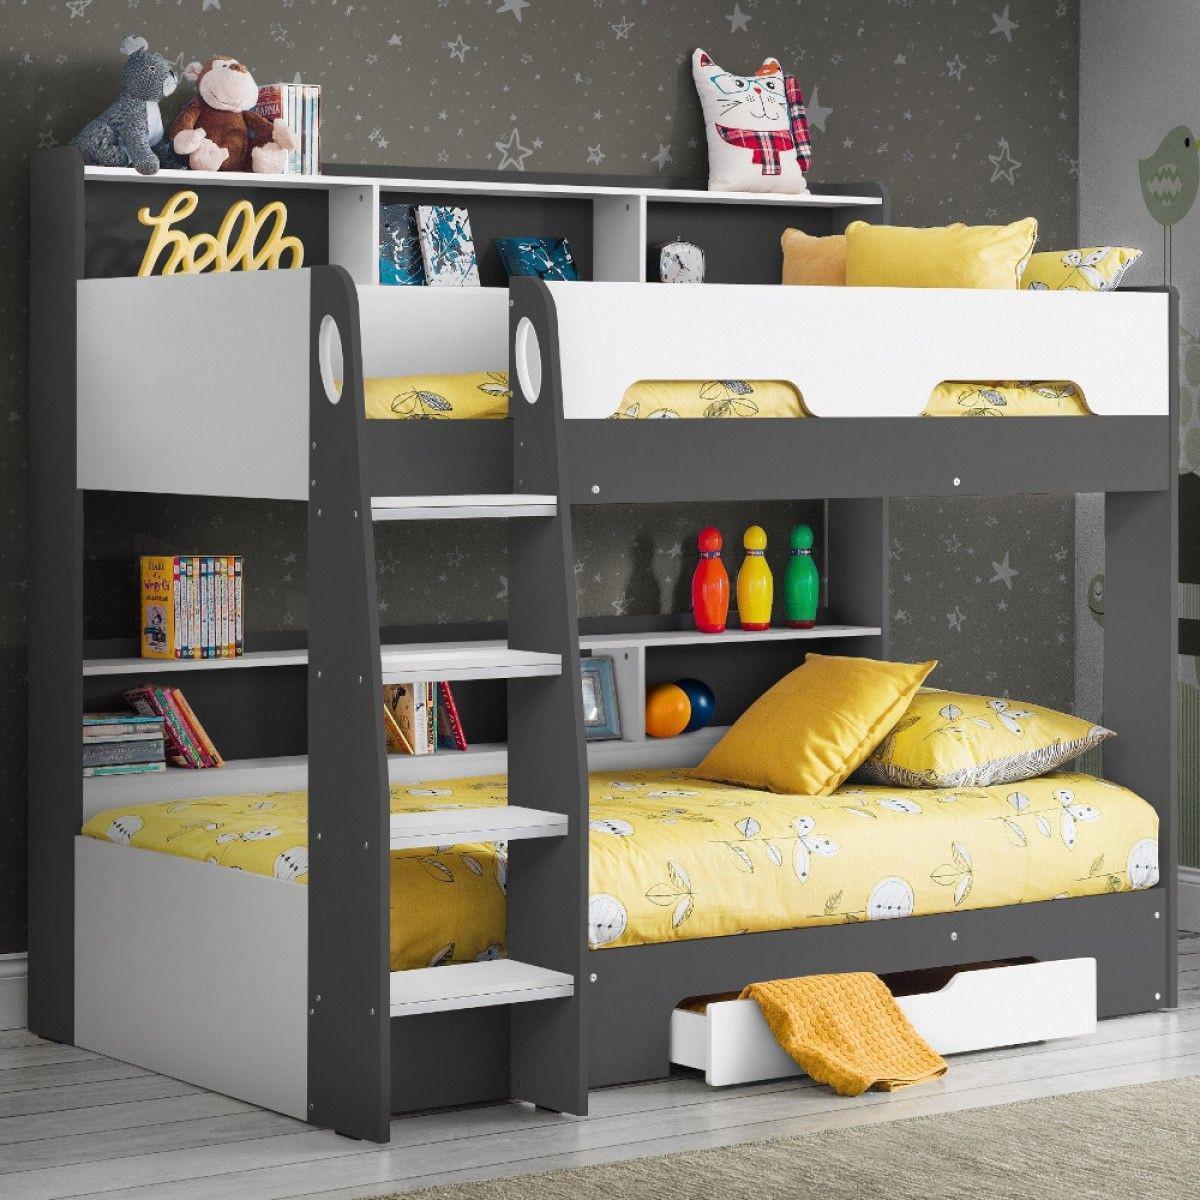 giải pháp cho phòng ngủ hẹp